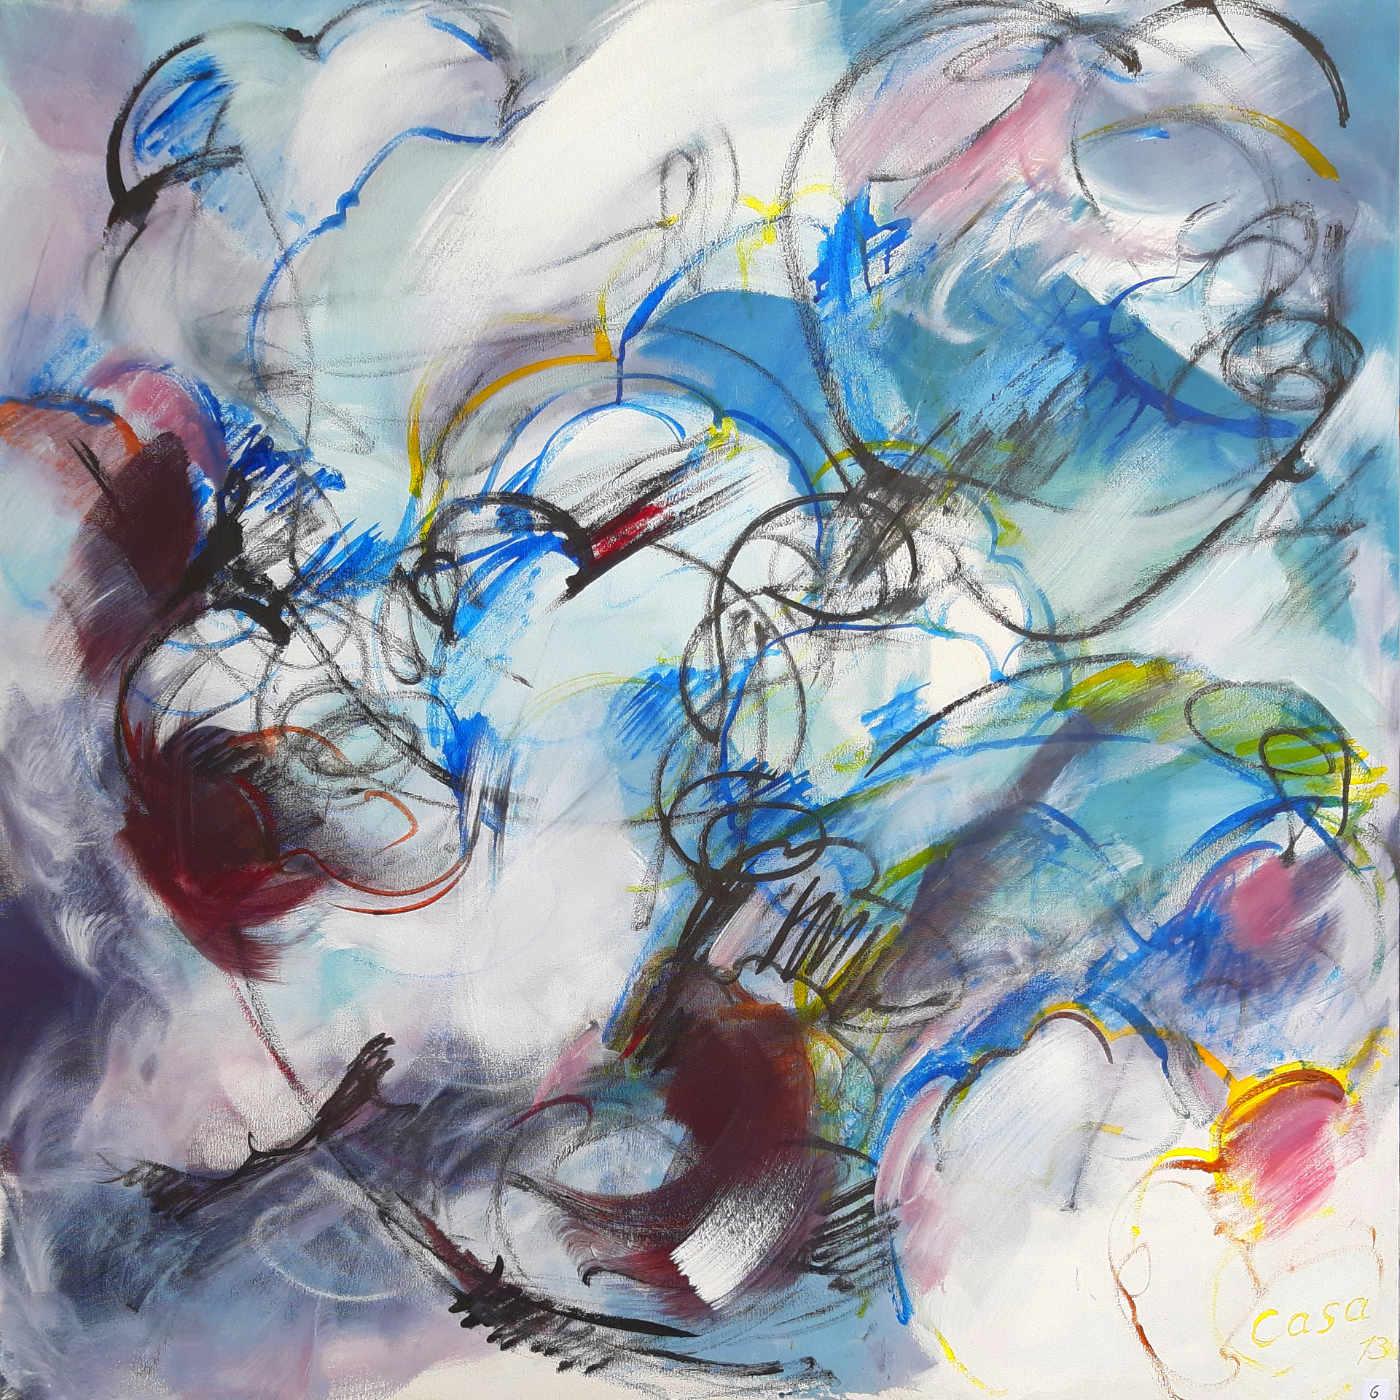 Sternentfernung II - Acryl, mixed media auf Leinwand, 100 x 100 cm